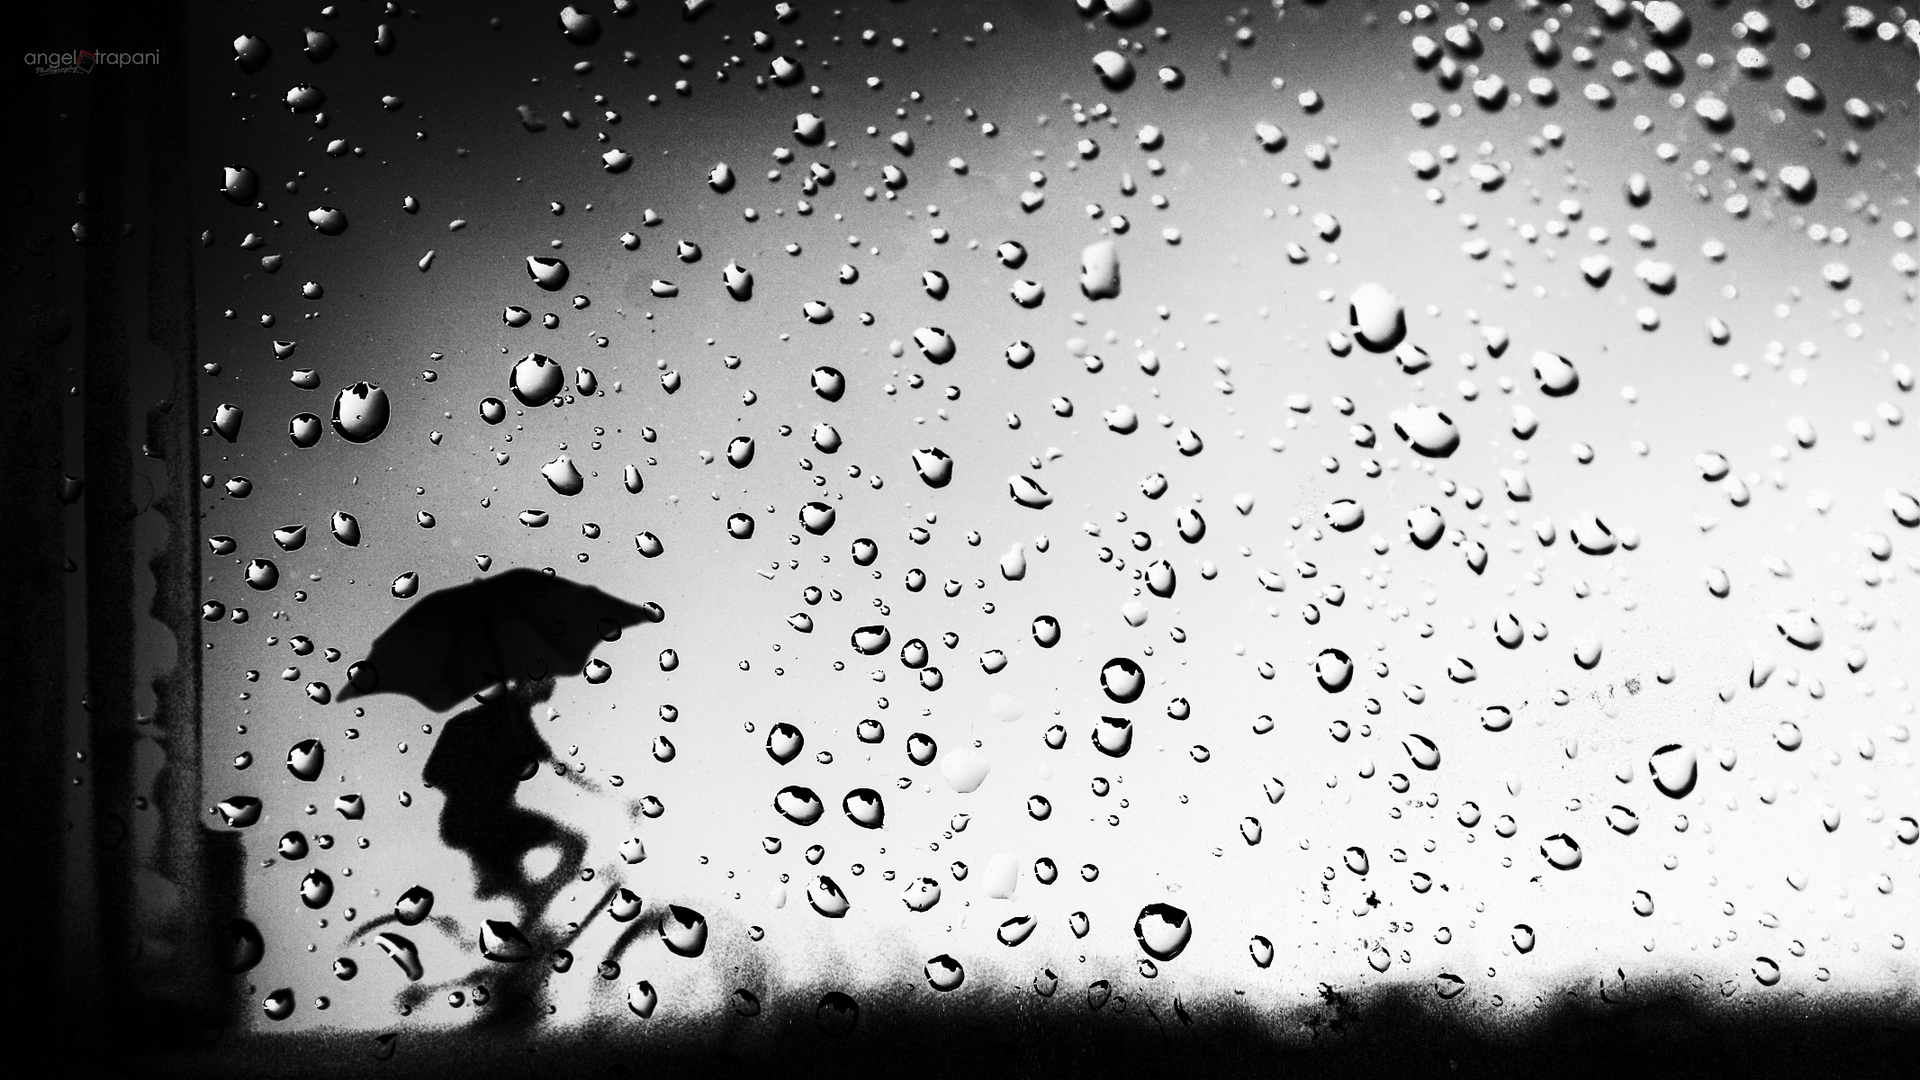 Giorno di pioggia